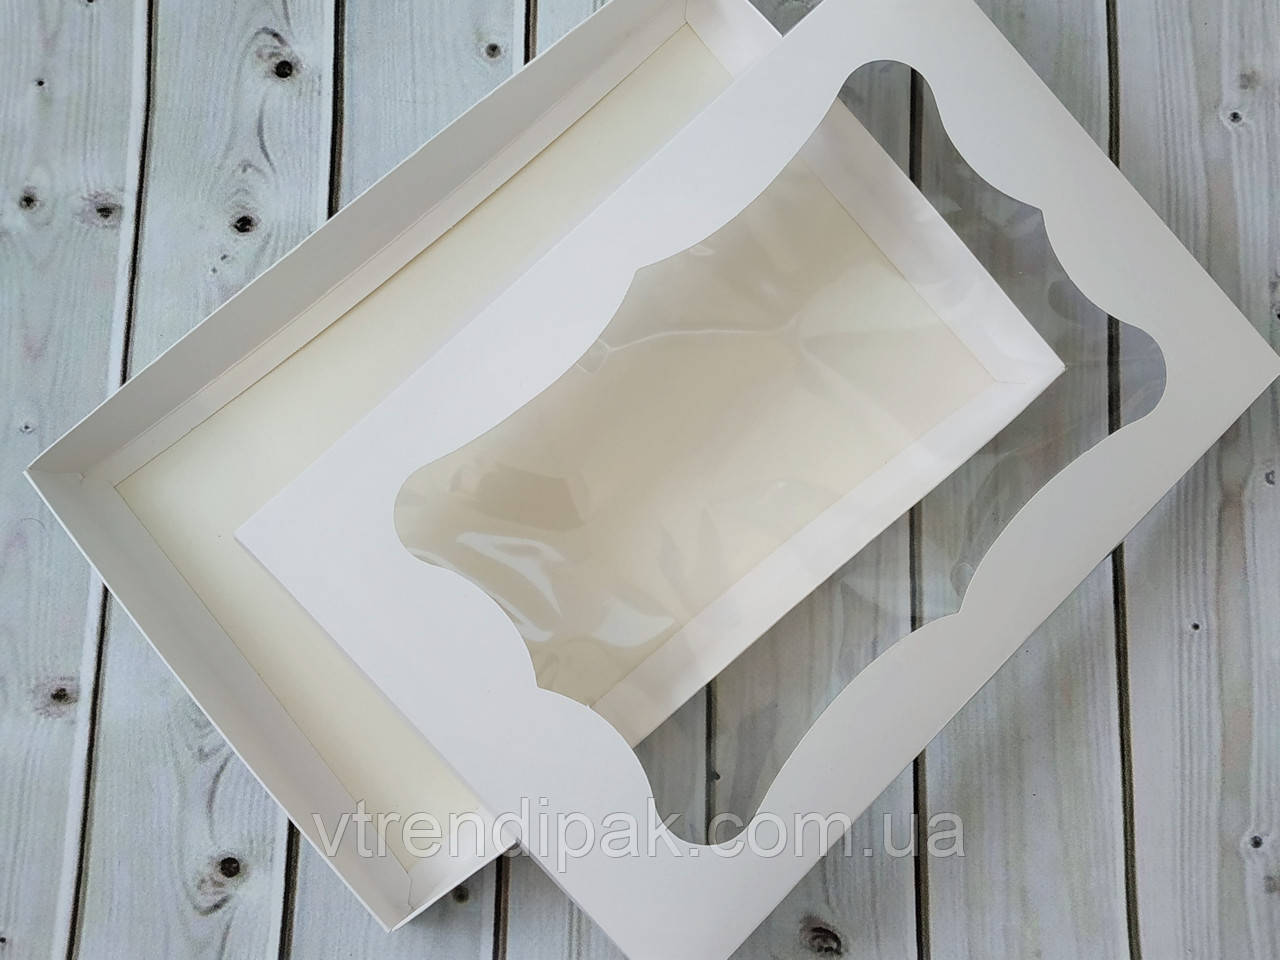 Коробка для пряника 200*300*30 мелований картон, кришка-дно з вікном (плівка ПВХ)